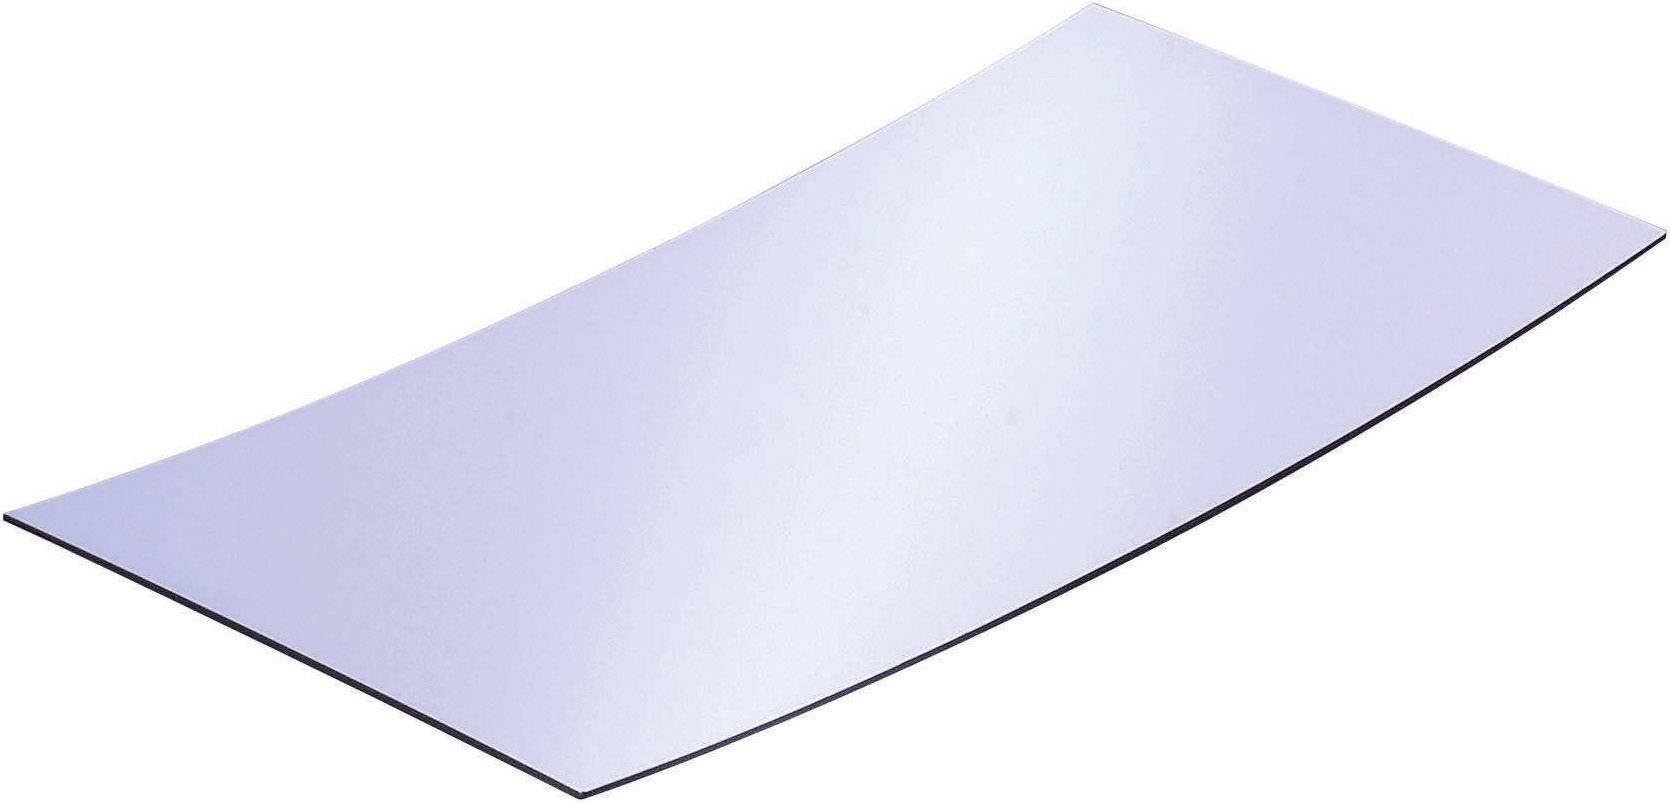 Polystyrenová deska Modelcraft, 200 x 100 x 1 mm